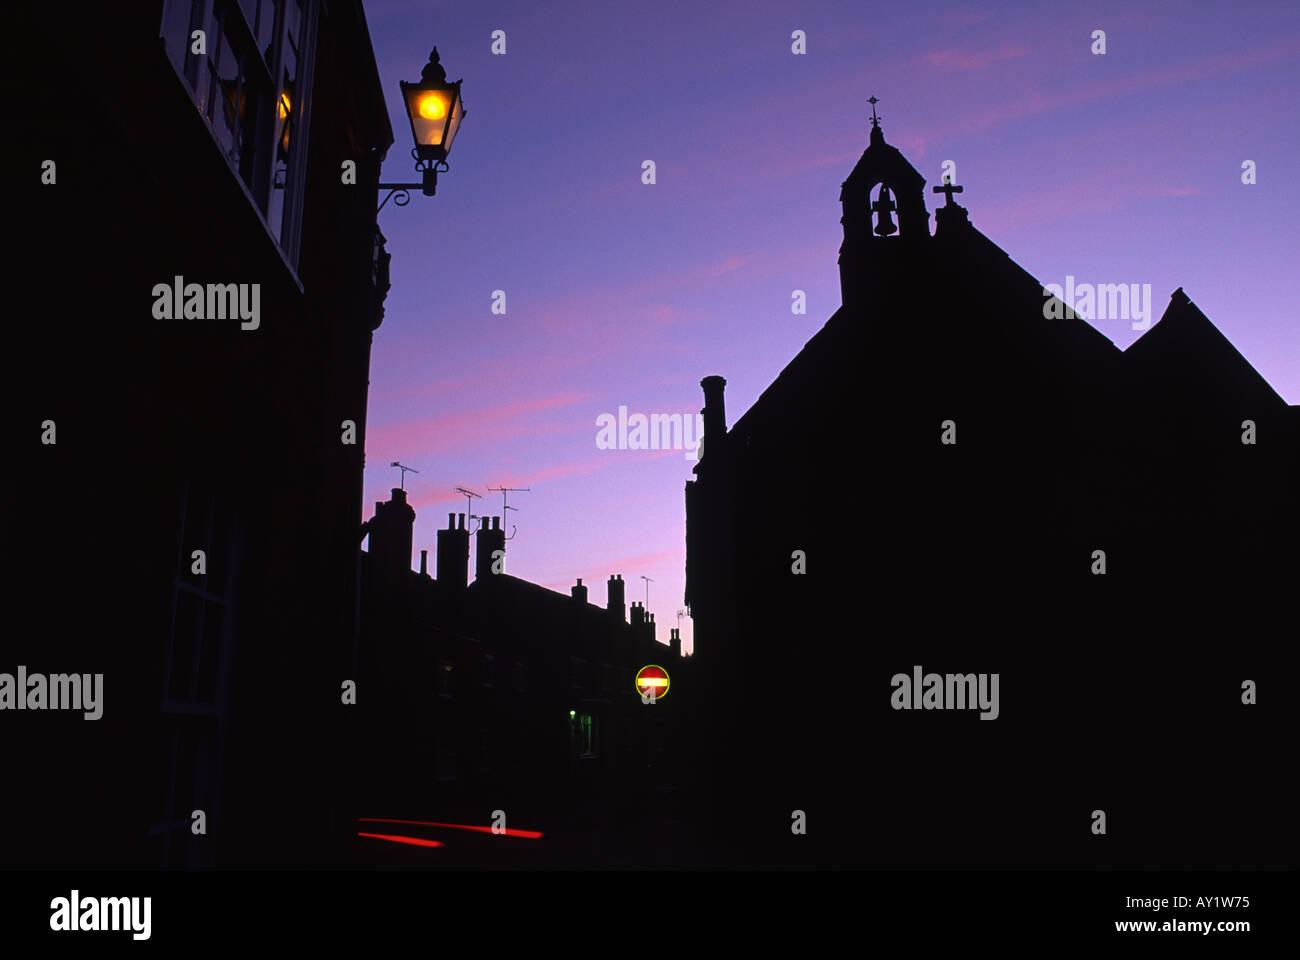 Silhouette de l'Almhouse au crépuscule dans la ville de Sherborne Dorset County England UK Photo Stock